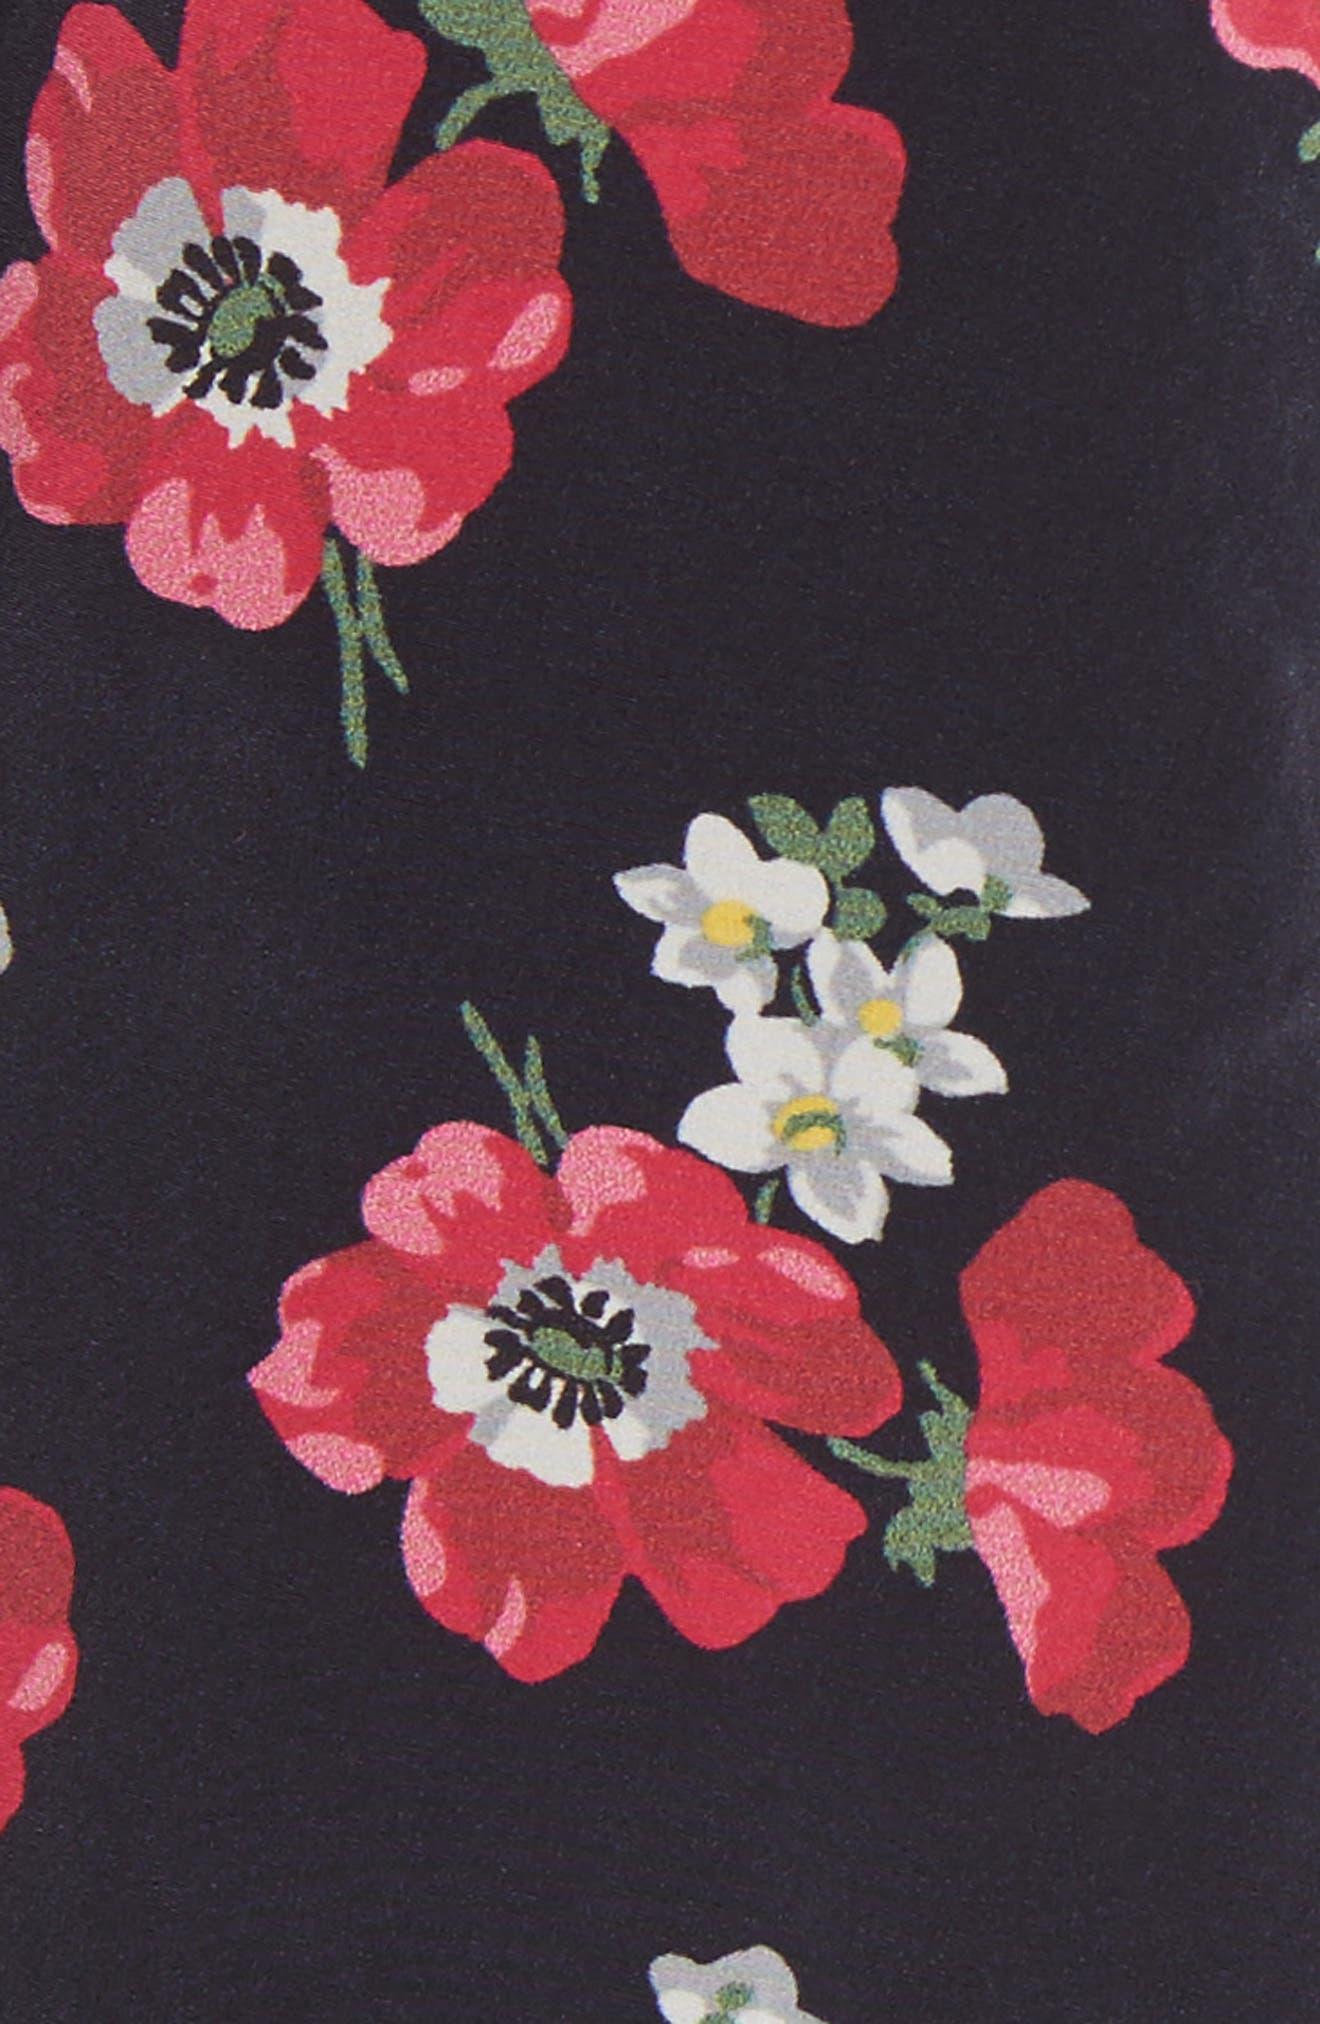 Vivre Floral Print Raincoat,                             Alternate thumbnail 5, color,                             Echo Print